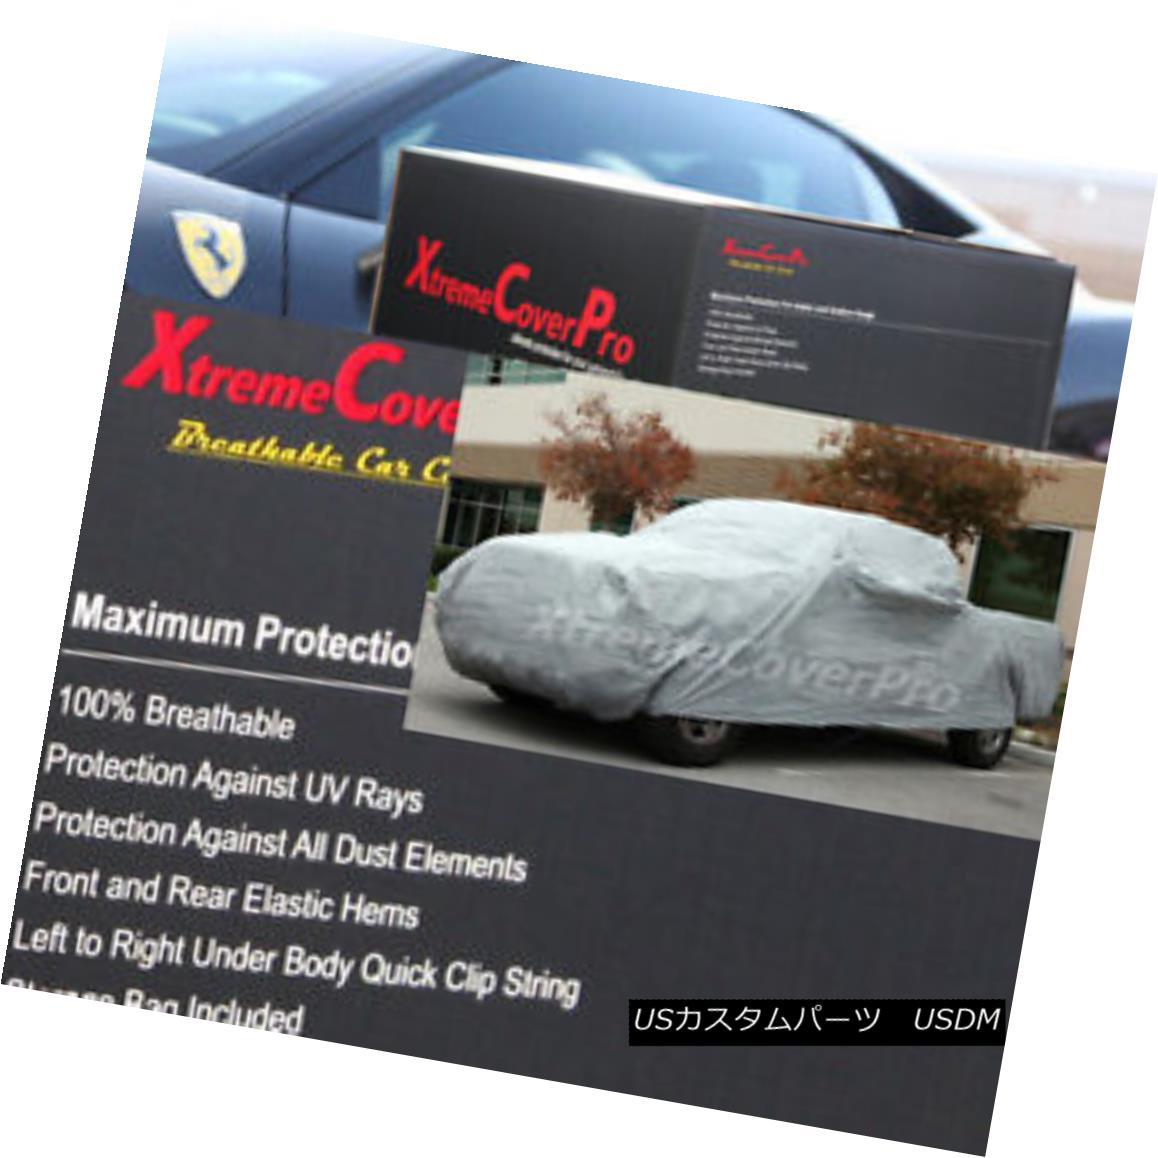 カーカバー 2013 Chevy Silverado 1500 Reg Cab 6.5ft Standard Box Breathable Car Cover 2013 Chevy Silverado 1500 Reg Cab 6.5ftスタンダードボックス通気性車カバー